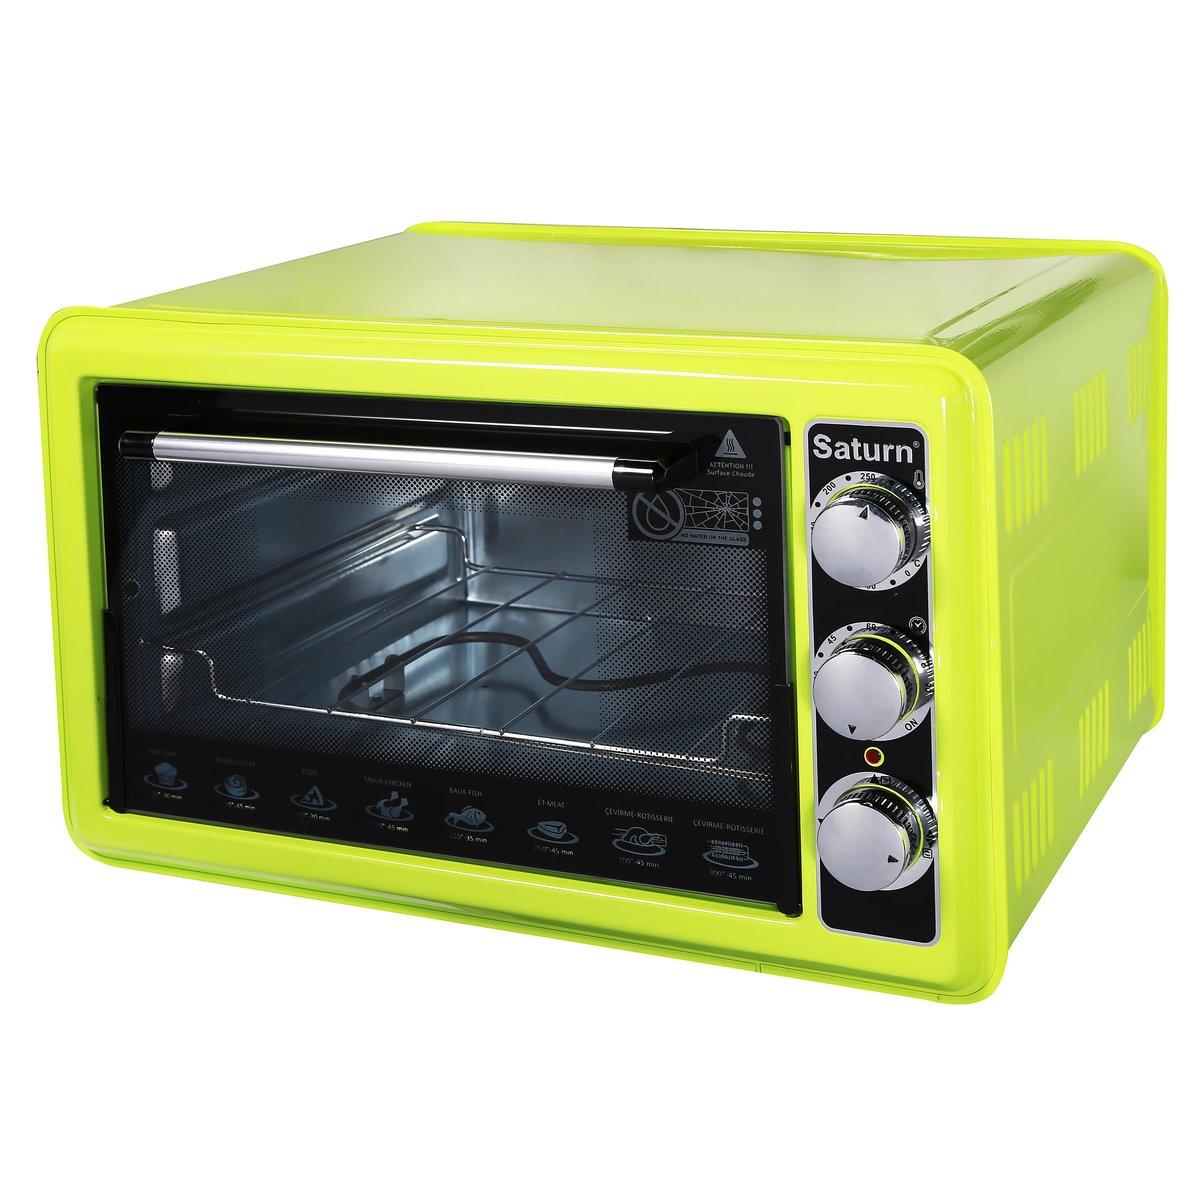 Электрическая печь (электродуховка) Saturn ST-EC1075 Green (зеленая)